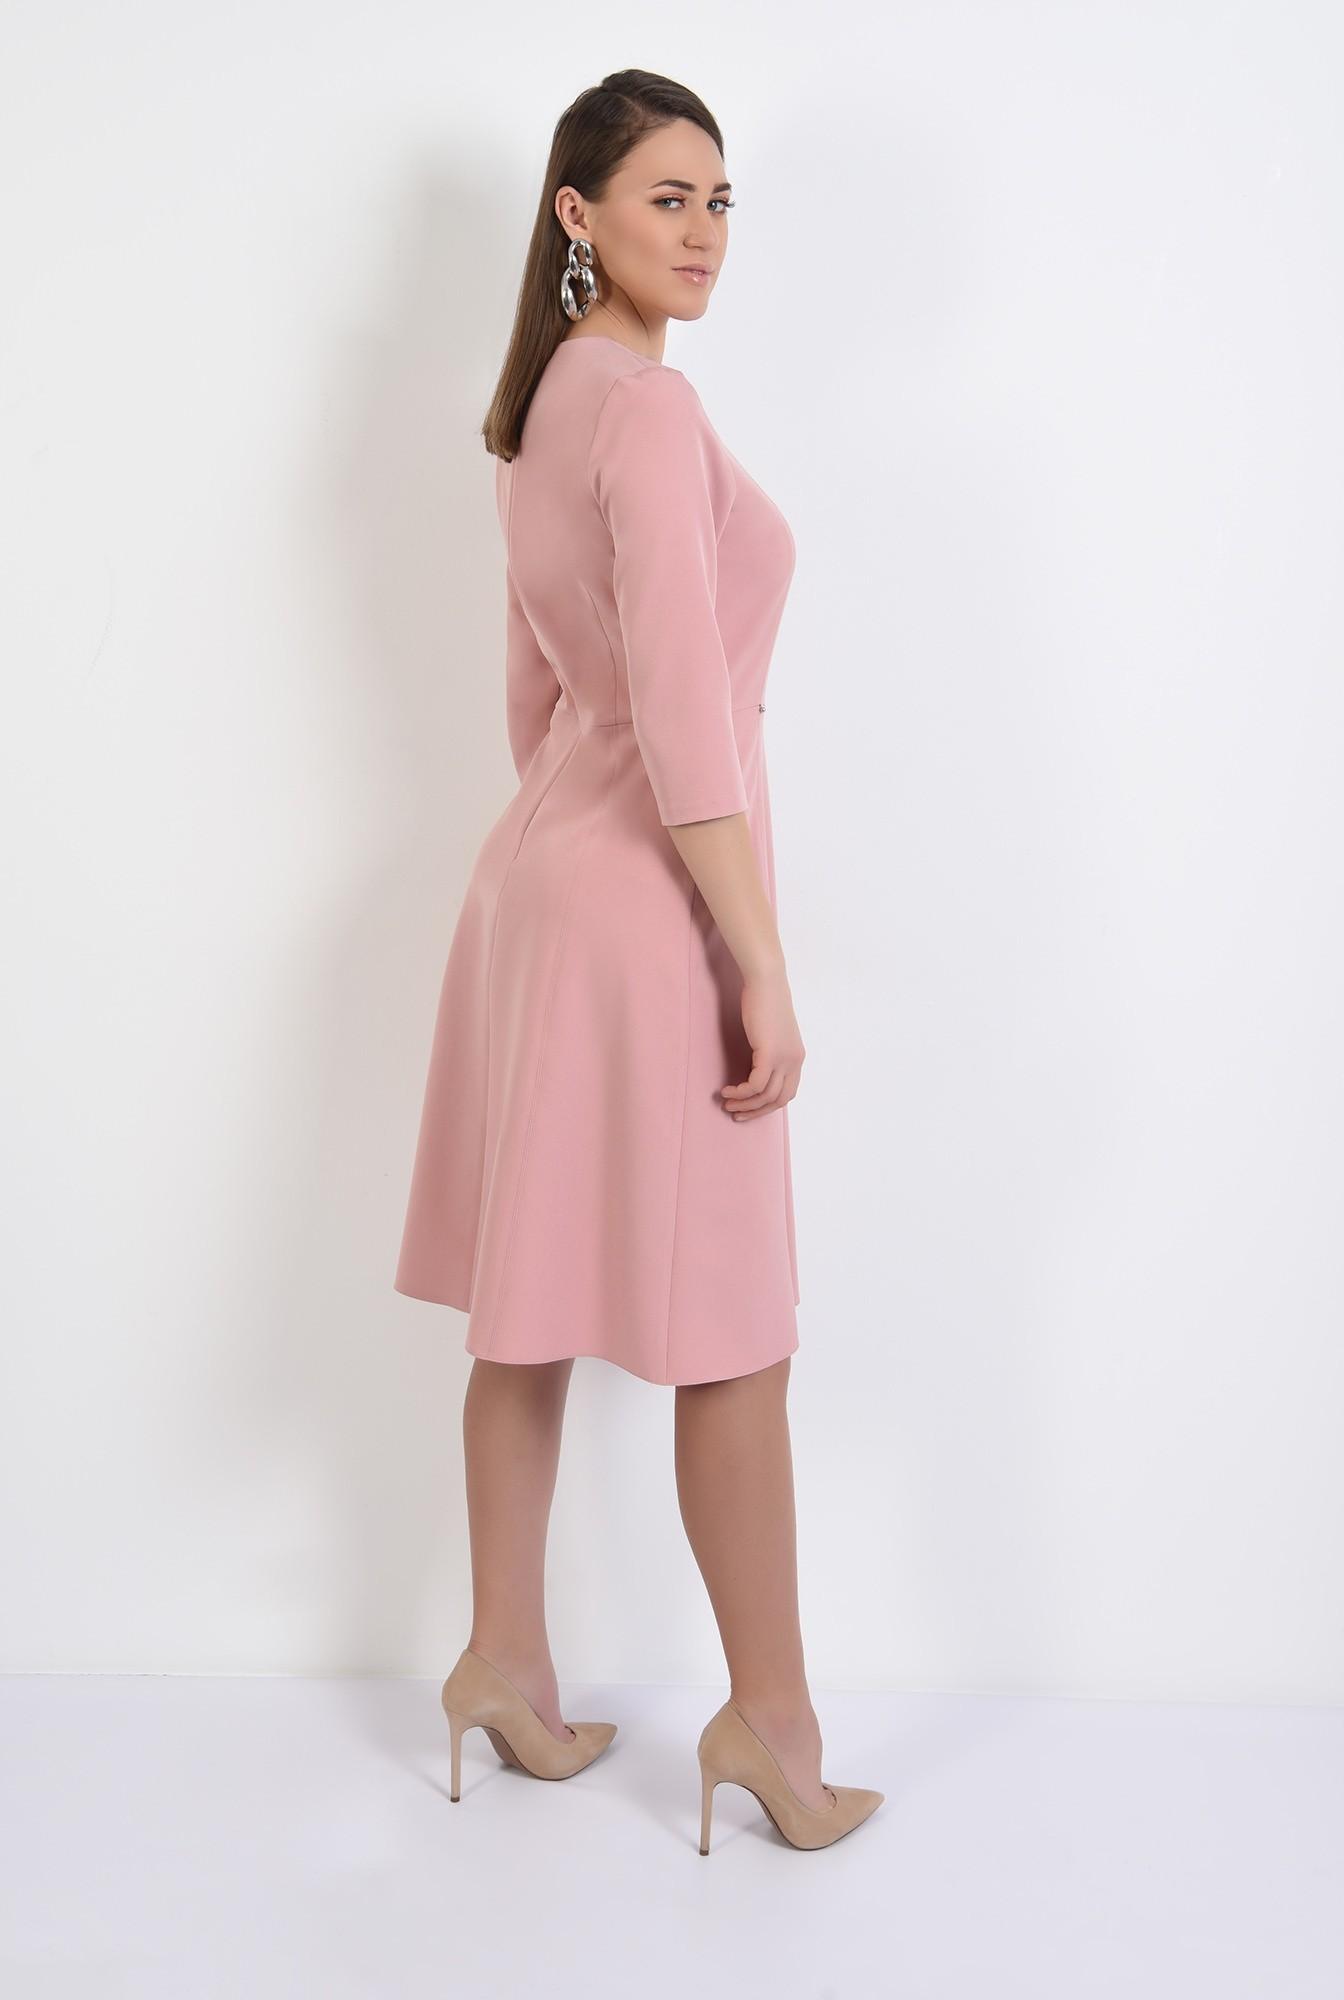 1 -  rochie midi, evazata, roz, rochie de primavara, cusaturi decorative